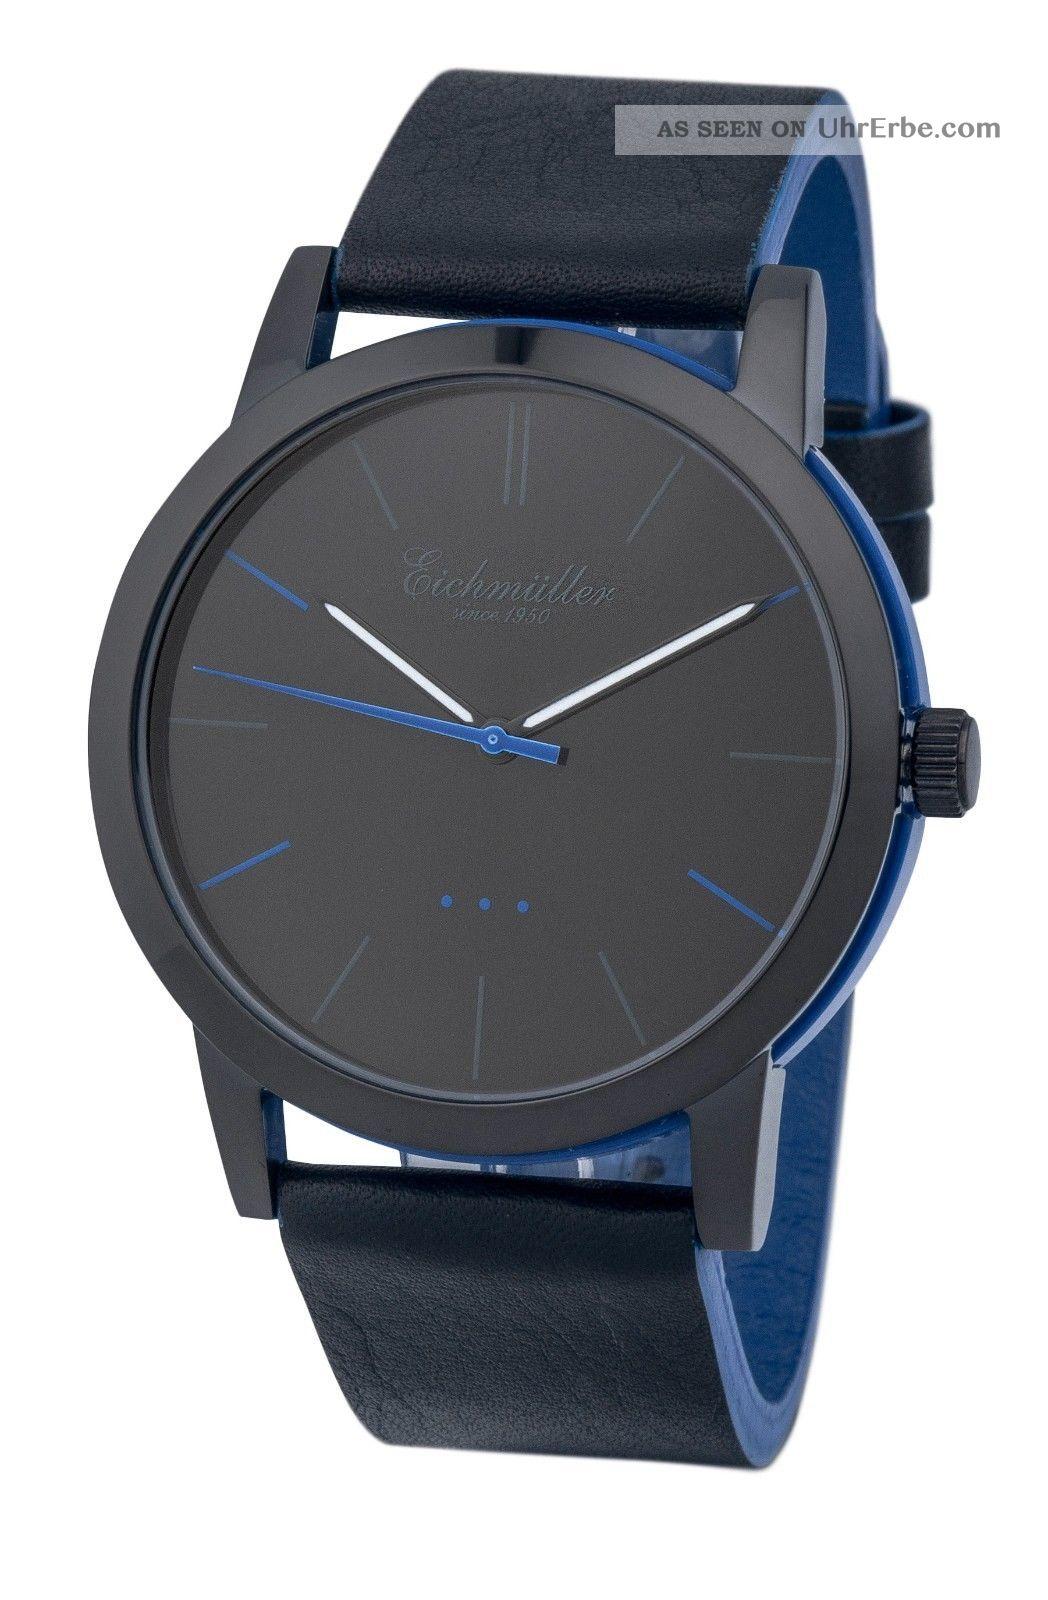 Modische EichmÜller 2 - Farben Design Uhr 4004 Herrenuhr Damenuhr Watch,  Blau Armbanduhren Bild